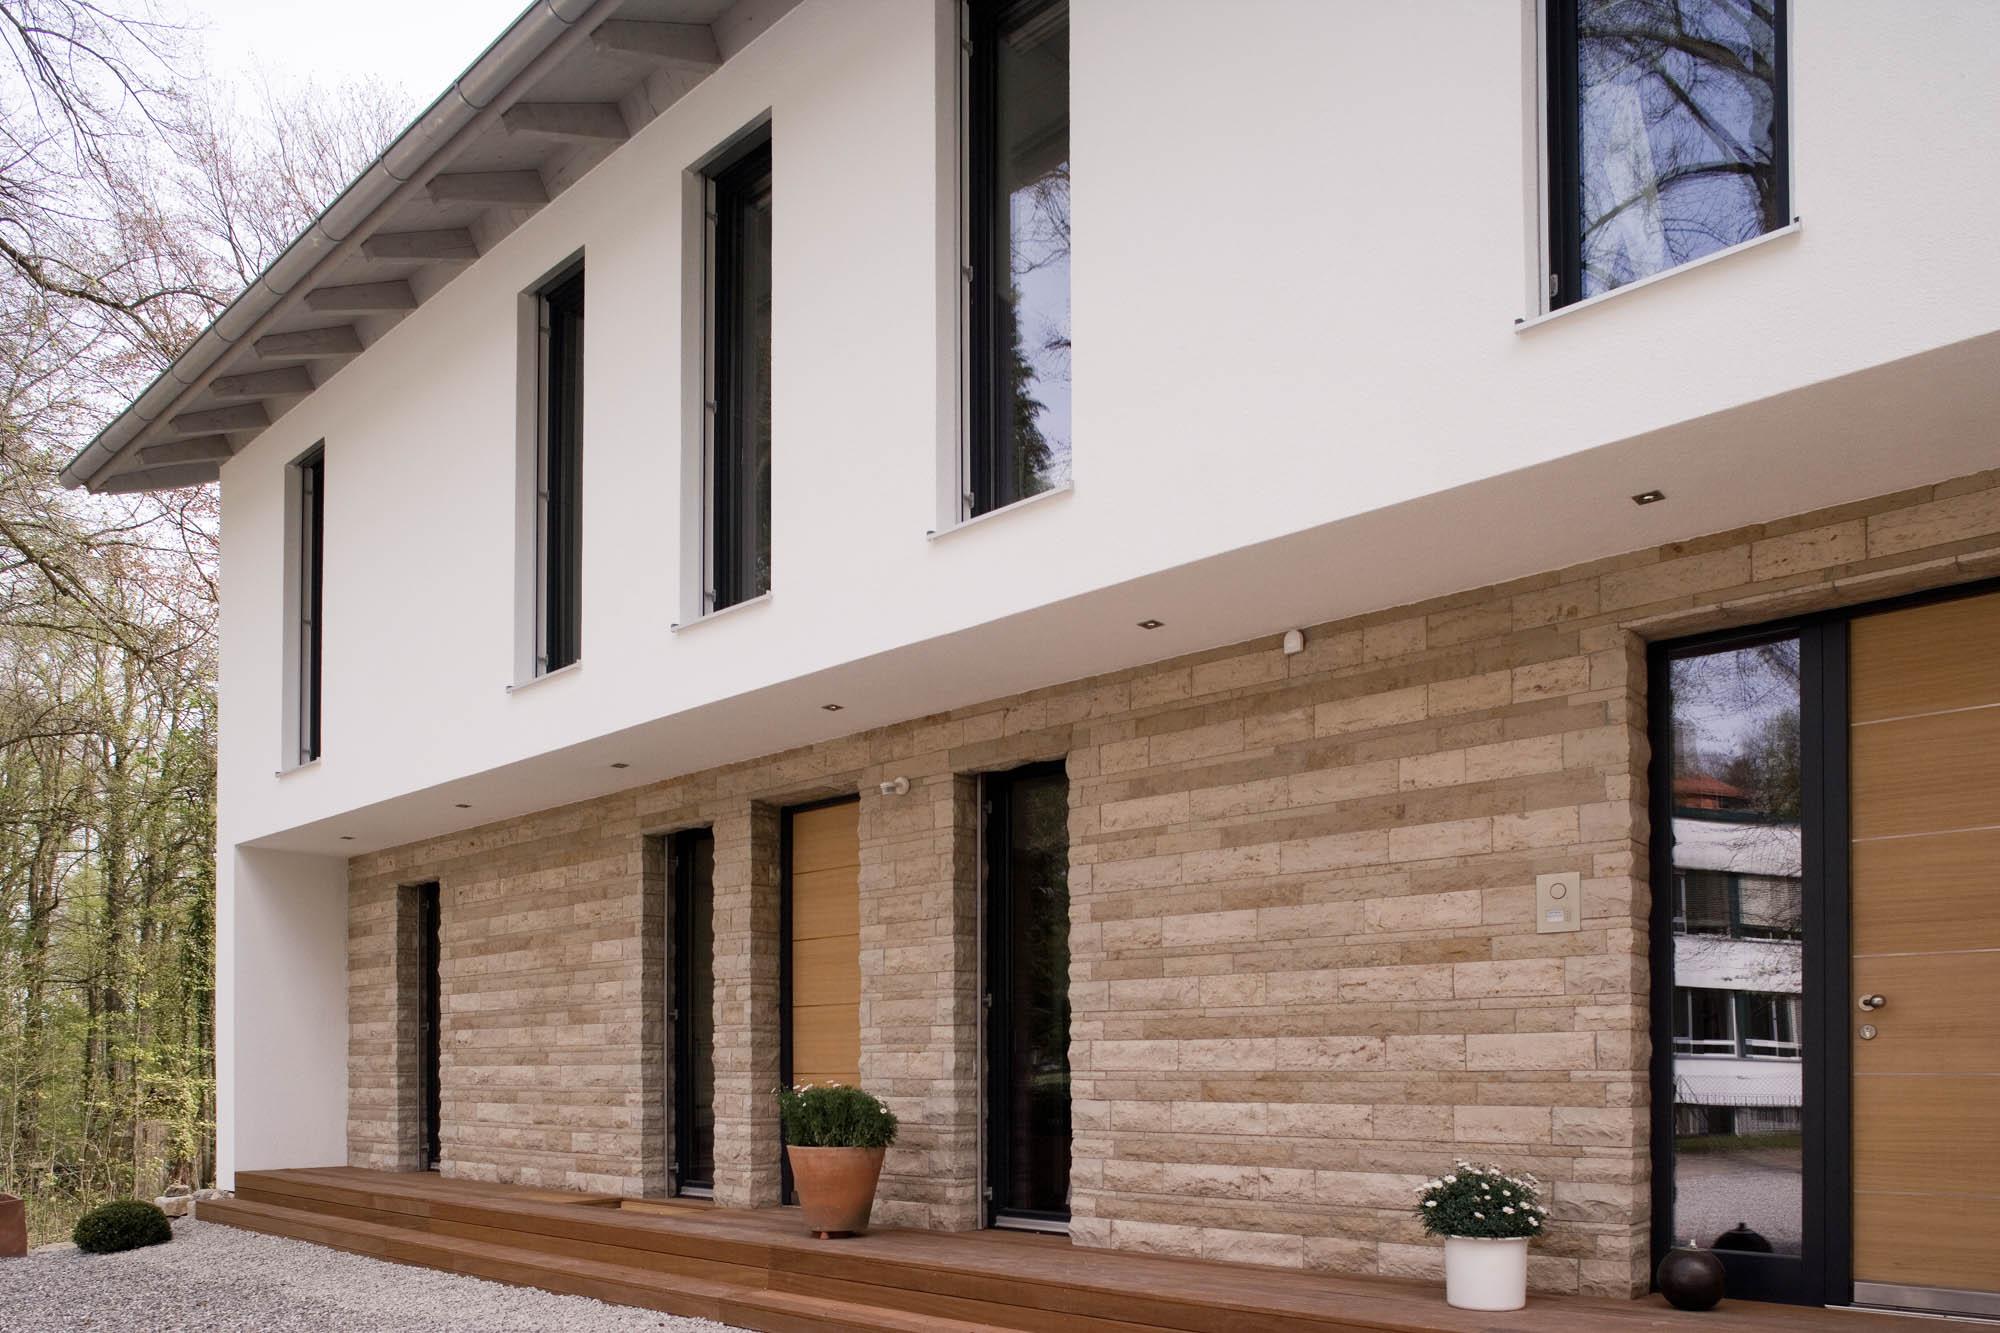 Holzdecken Kuche Weis ~ Beste Bildideen Zu Hause Design Moderne Holzdecken Wohnzimmer